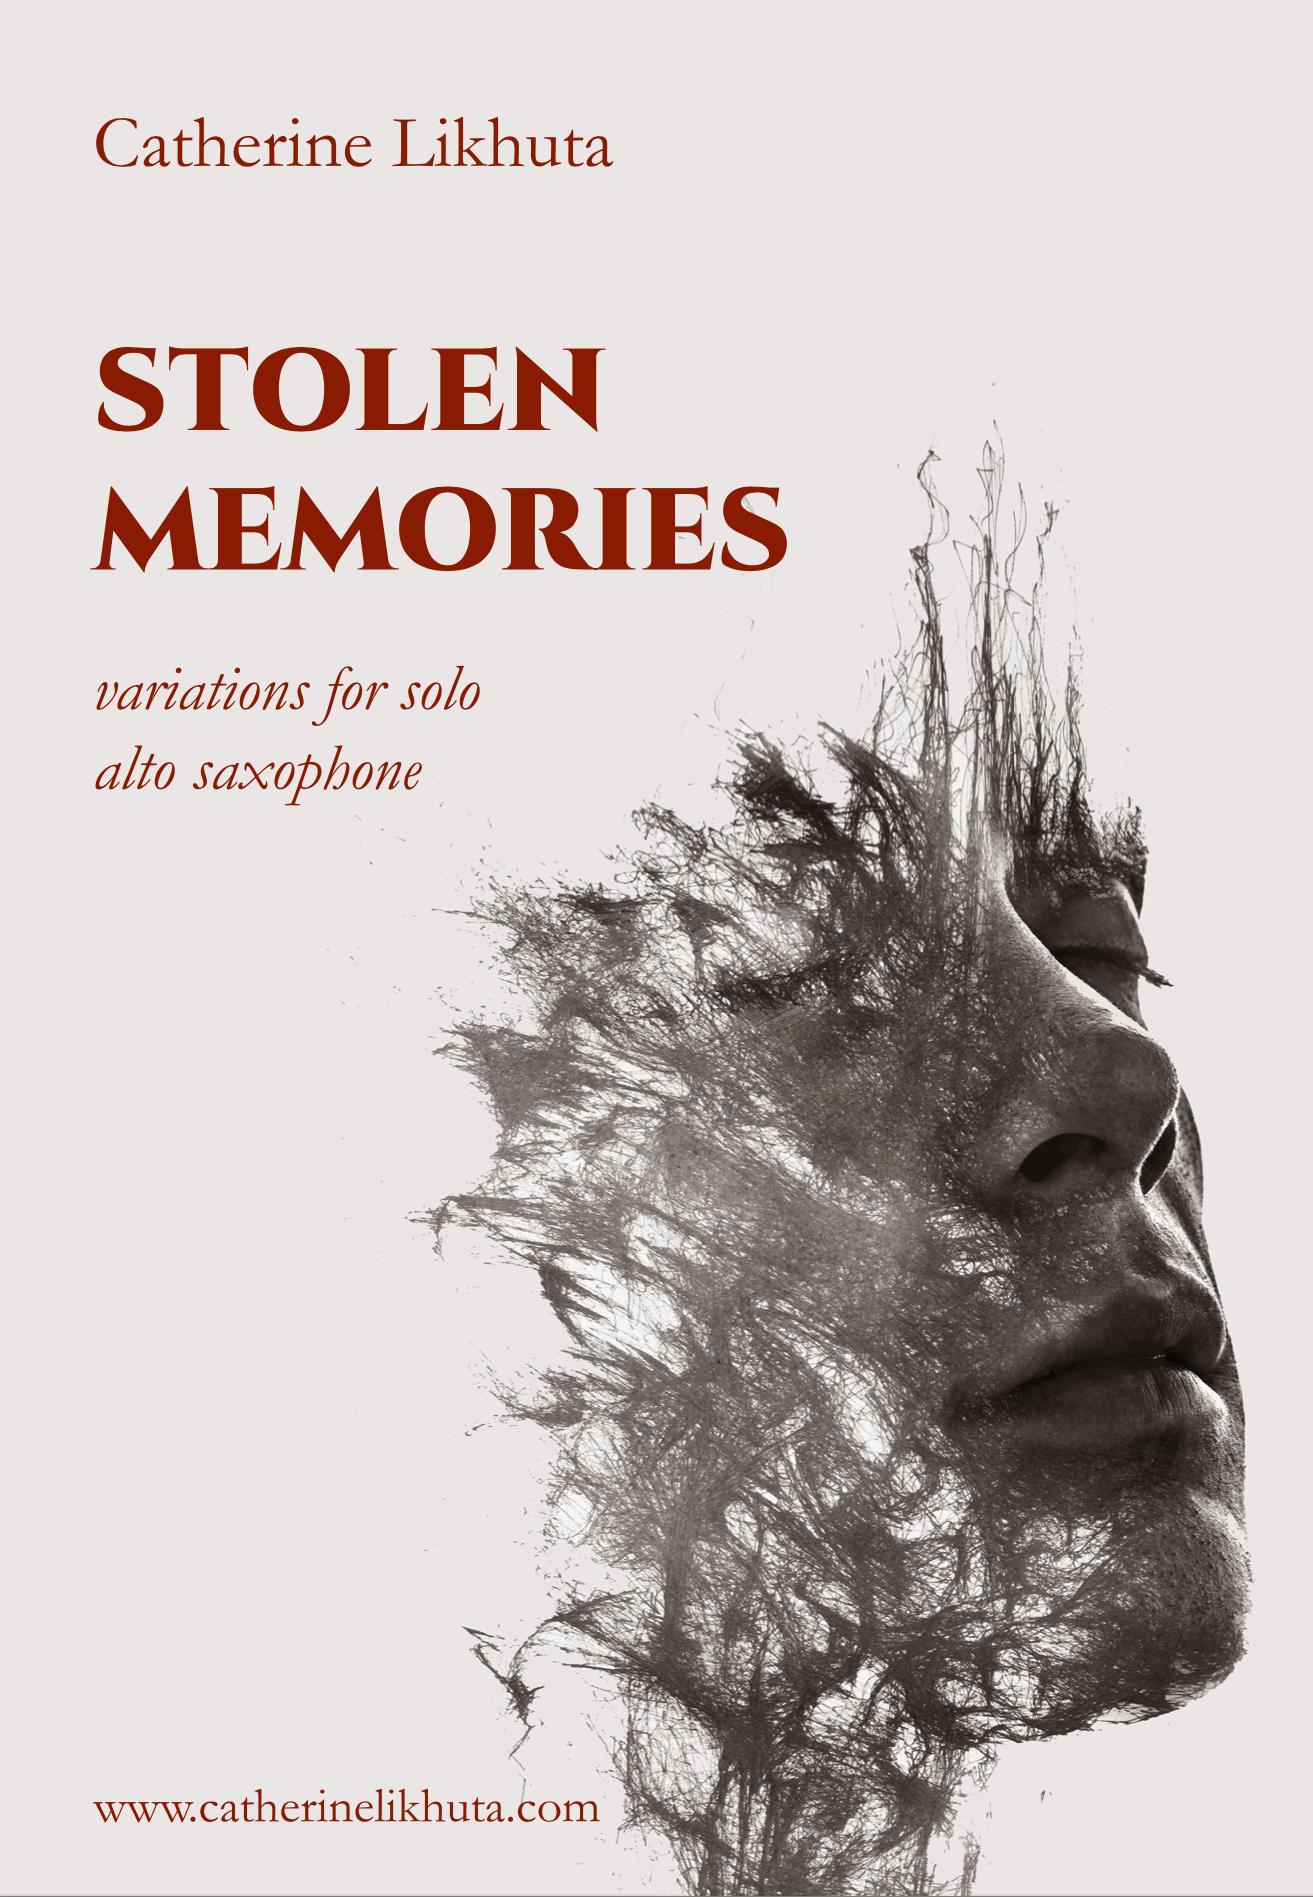 Stolen Memories by Catherine Likhuta